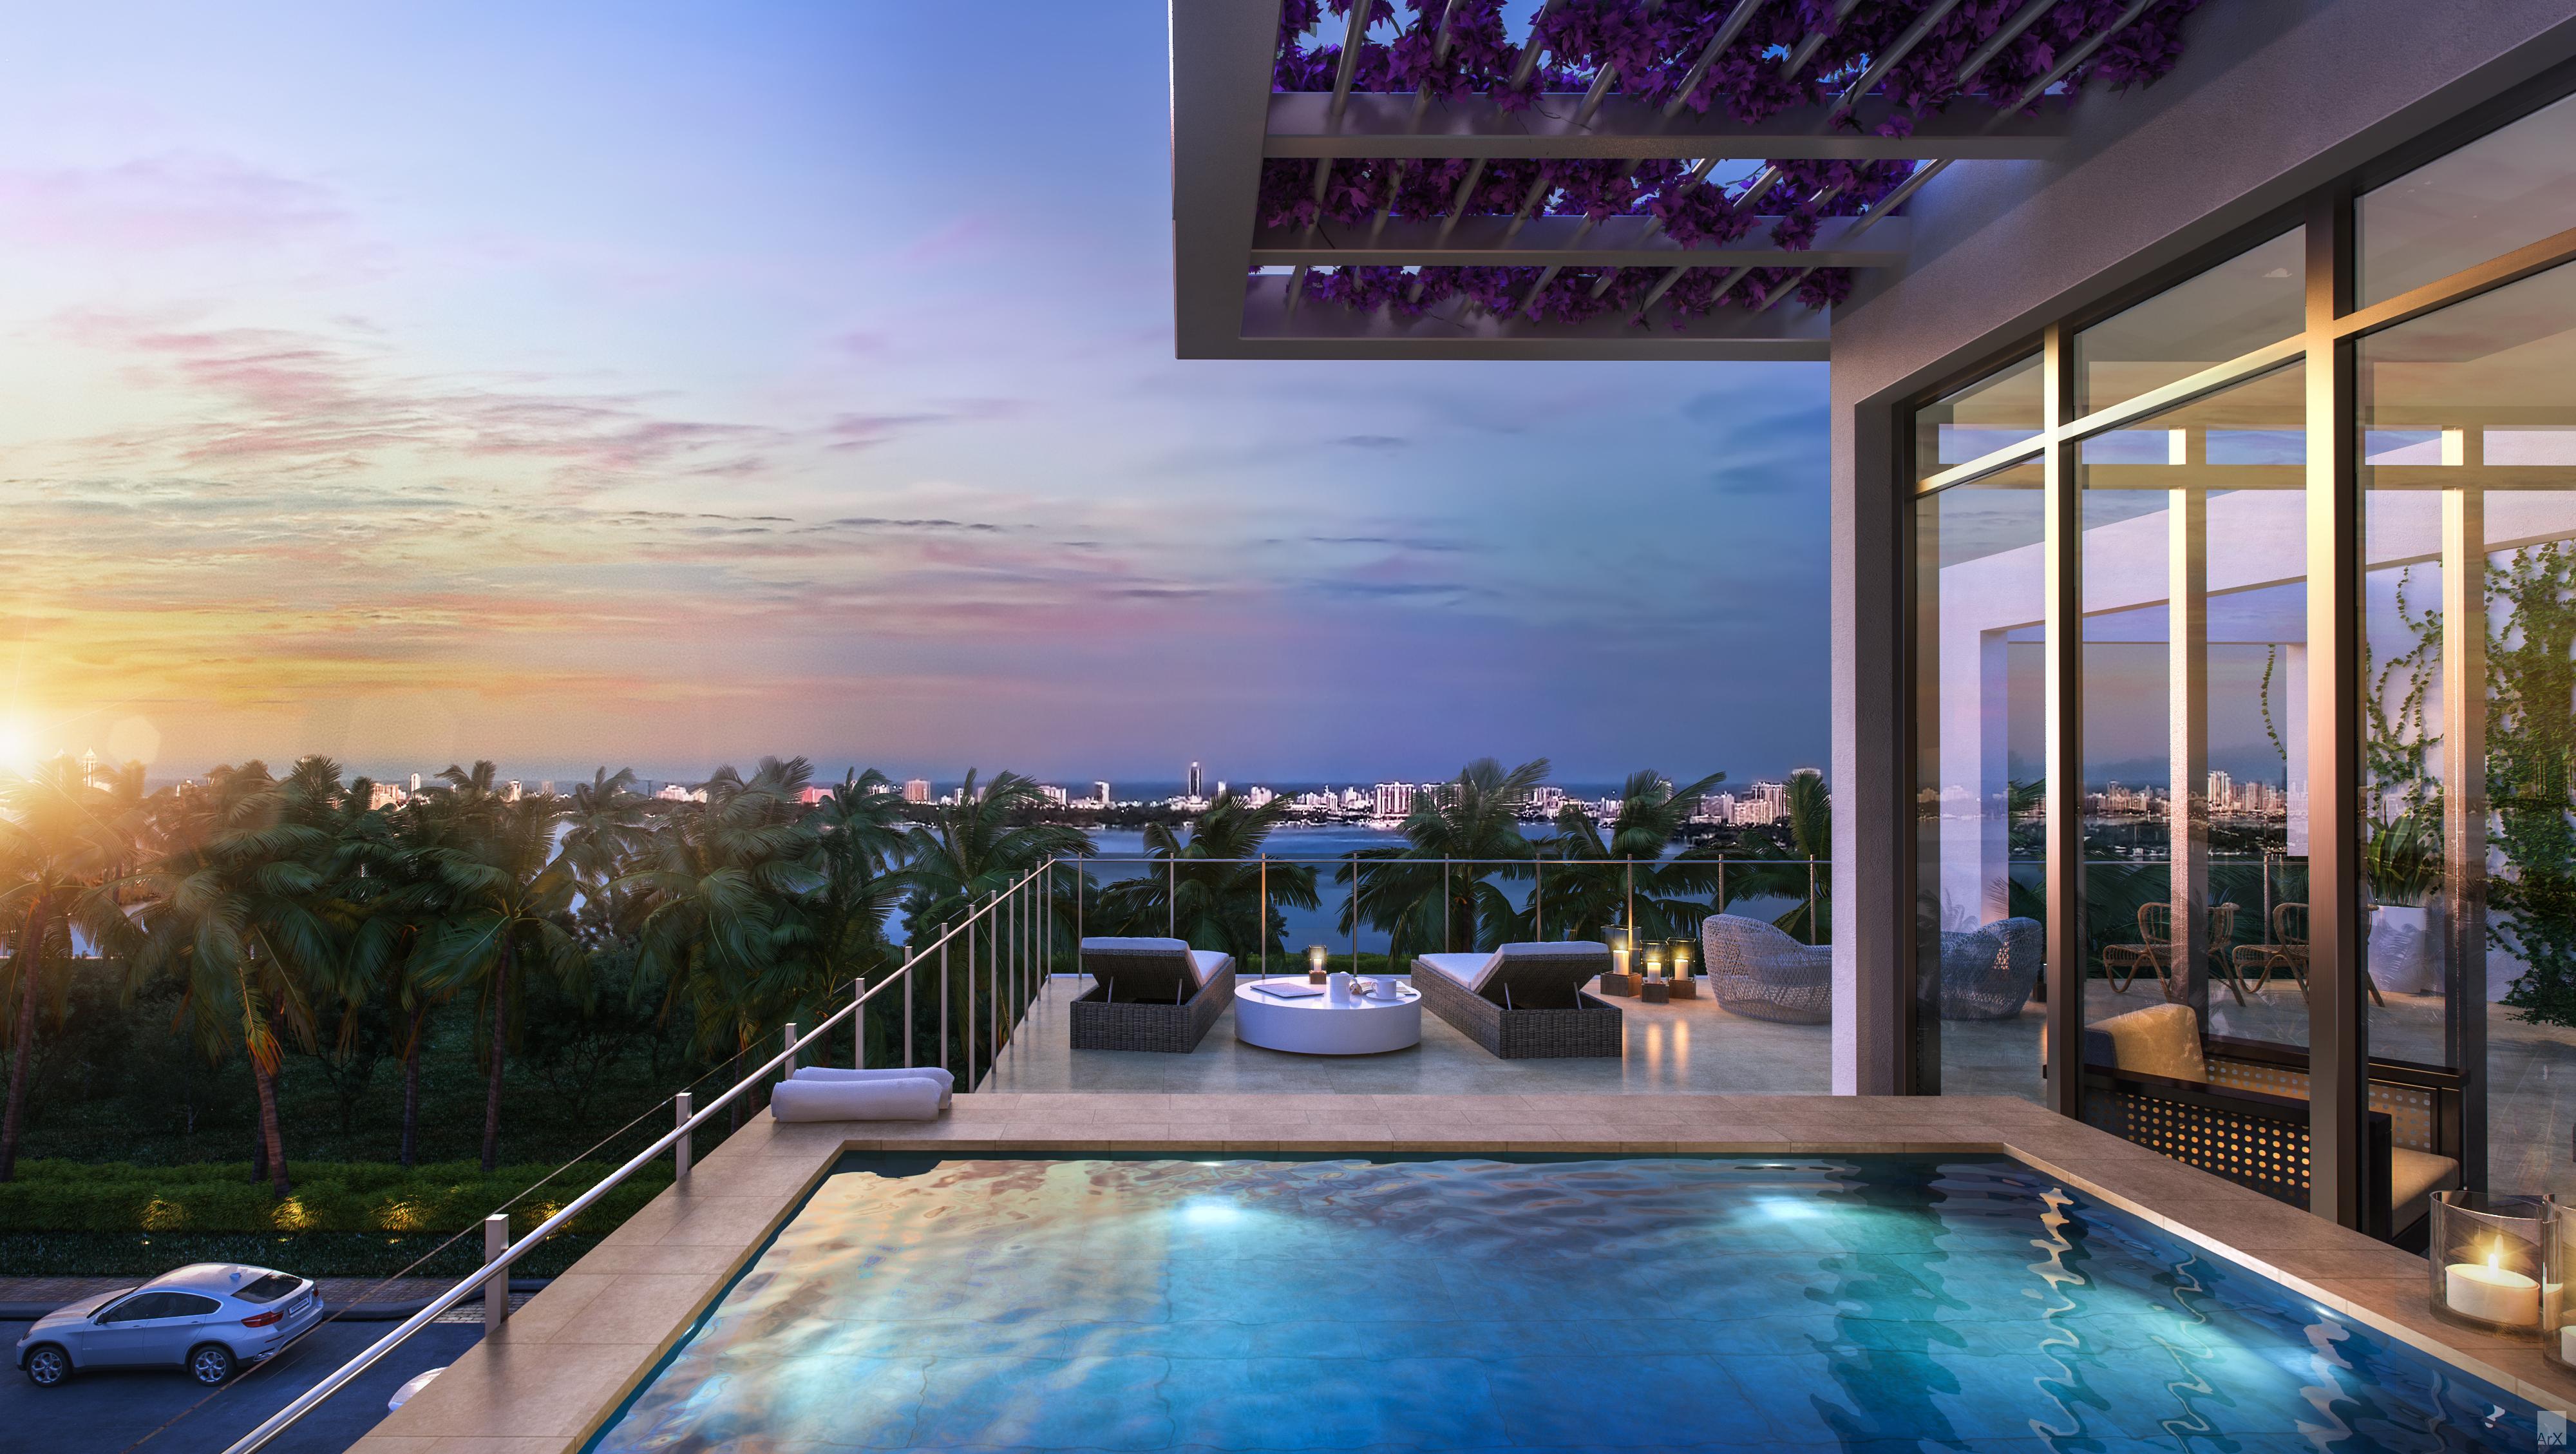 Miami představuje lukrativní místo, kde se potkávají úspěšní lidé z celého světa